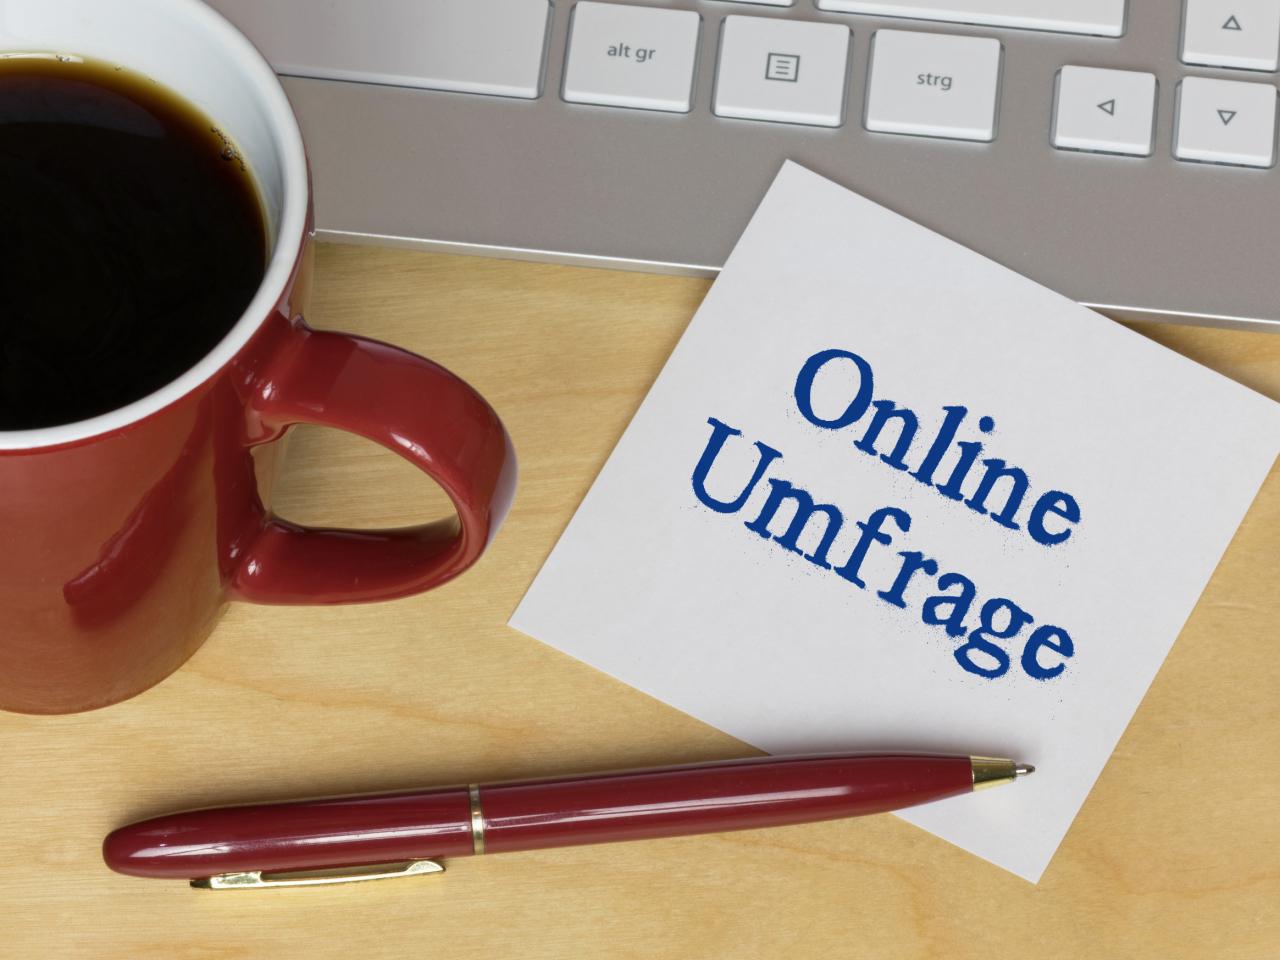 """Laptop, Kaffeetasse und Notizzettel """"Online Umfrage"""""""